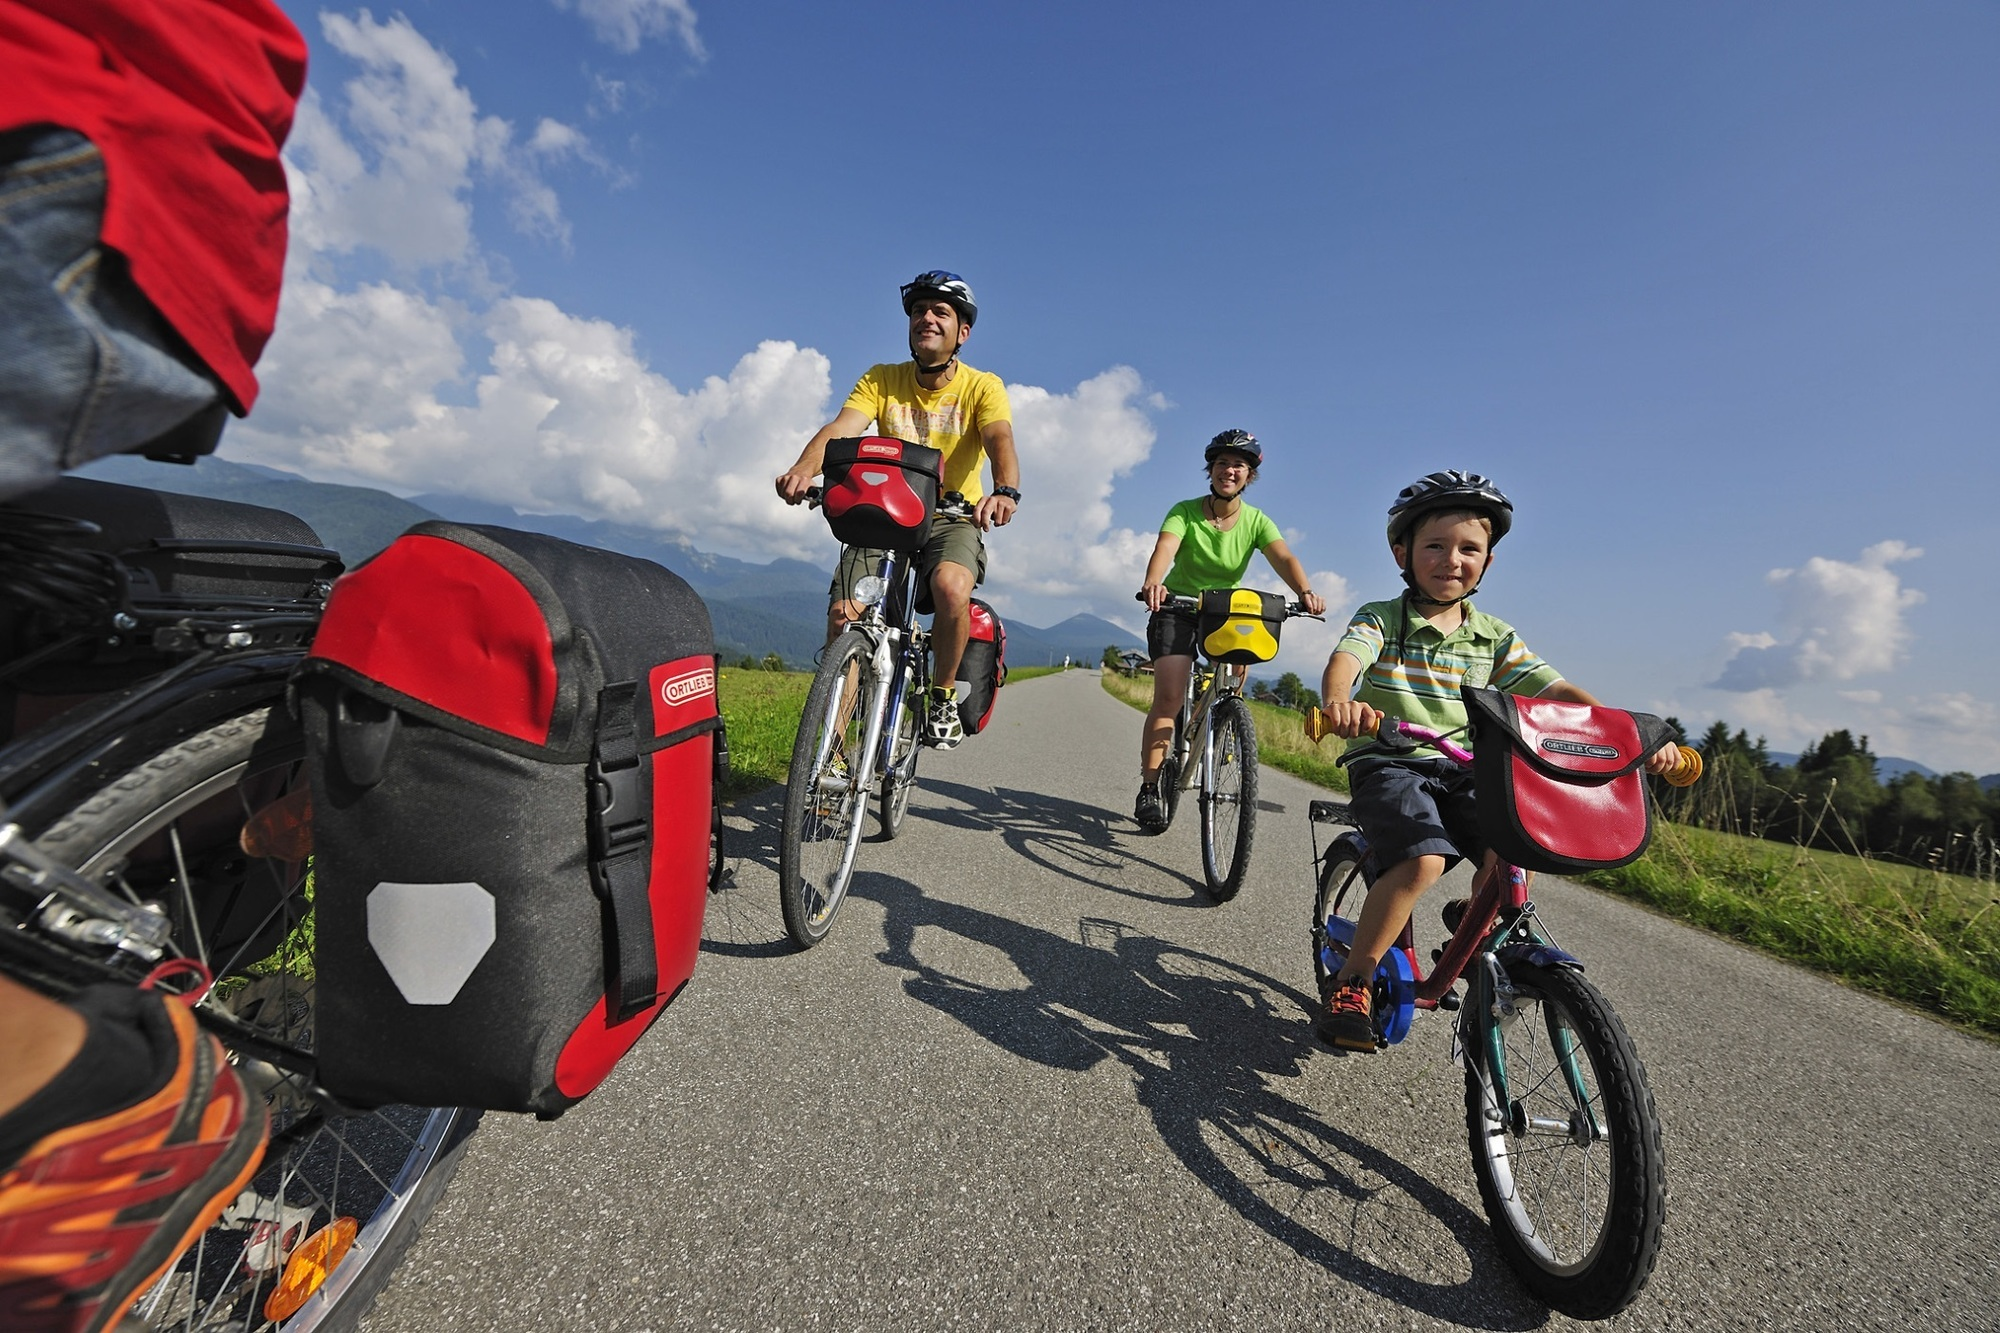 Ratgeber: Kinderräder - Einfach und sicher für den Nachwuchs